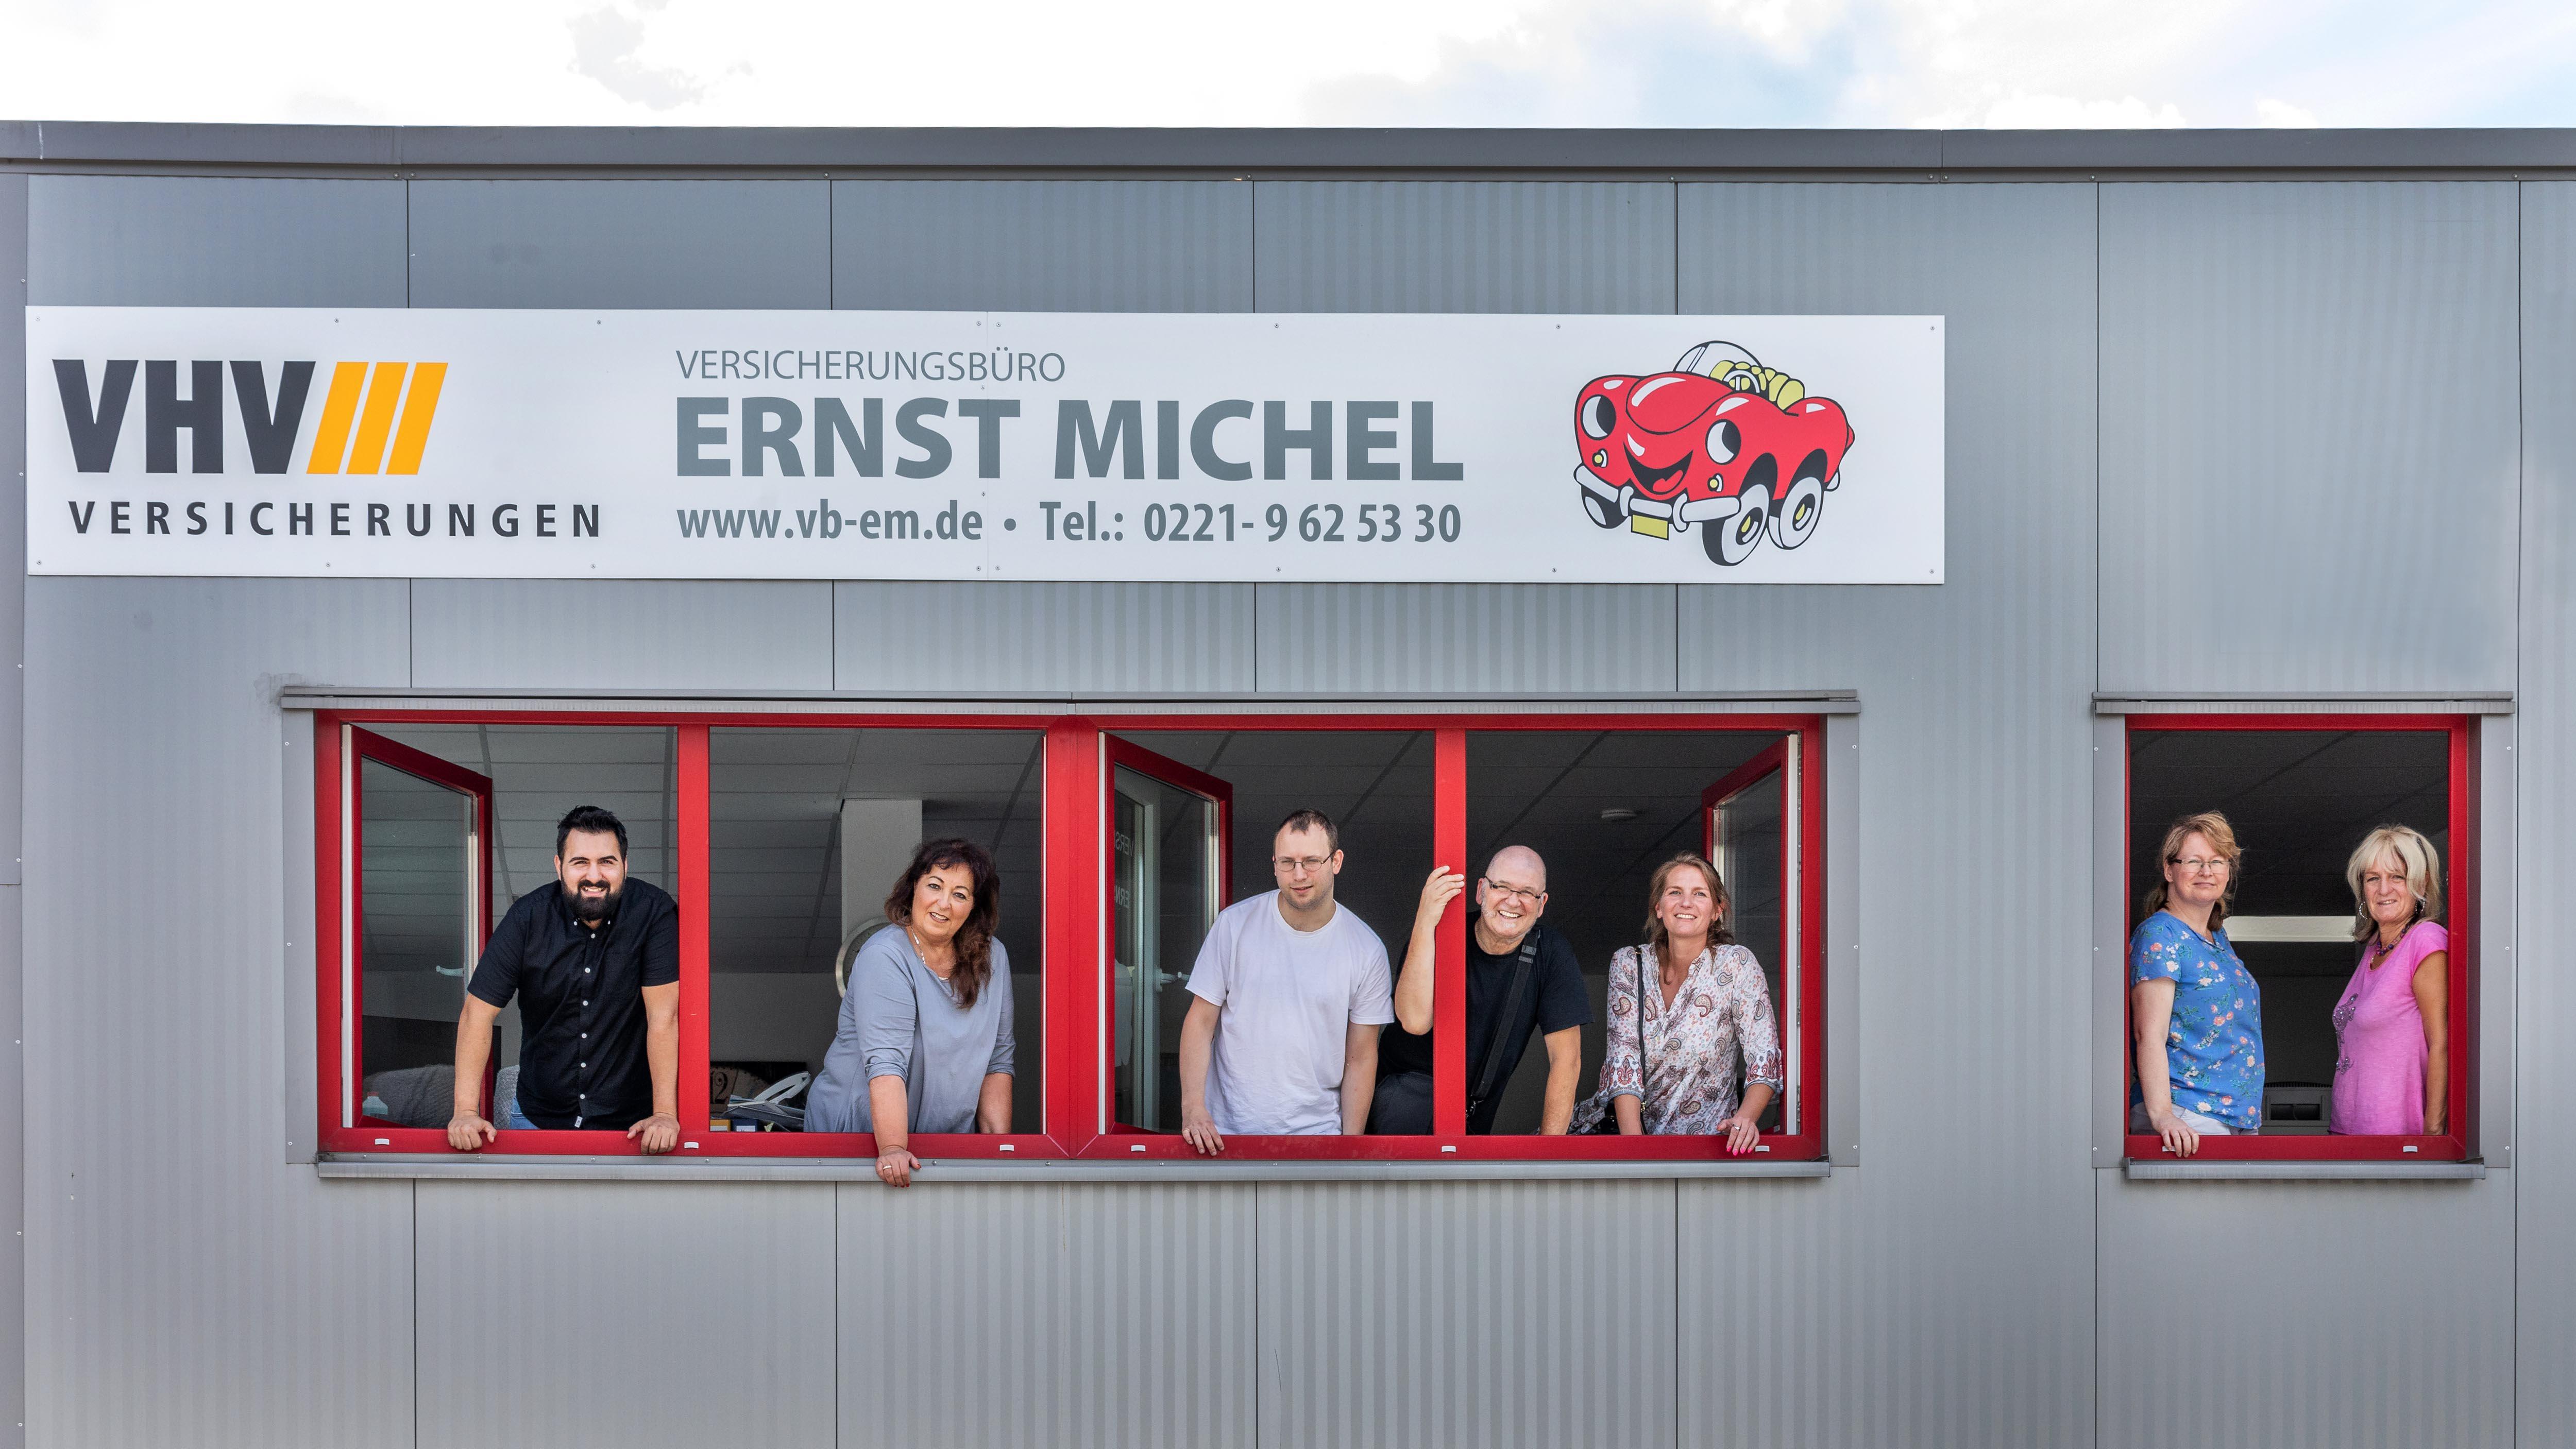 Listenbild Versicherungsbüro Ernst Michel